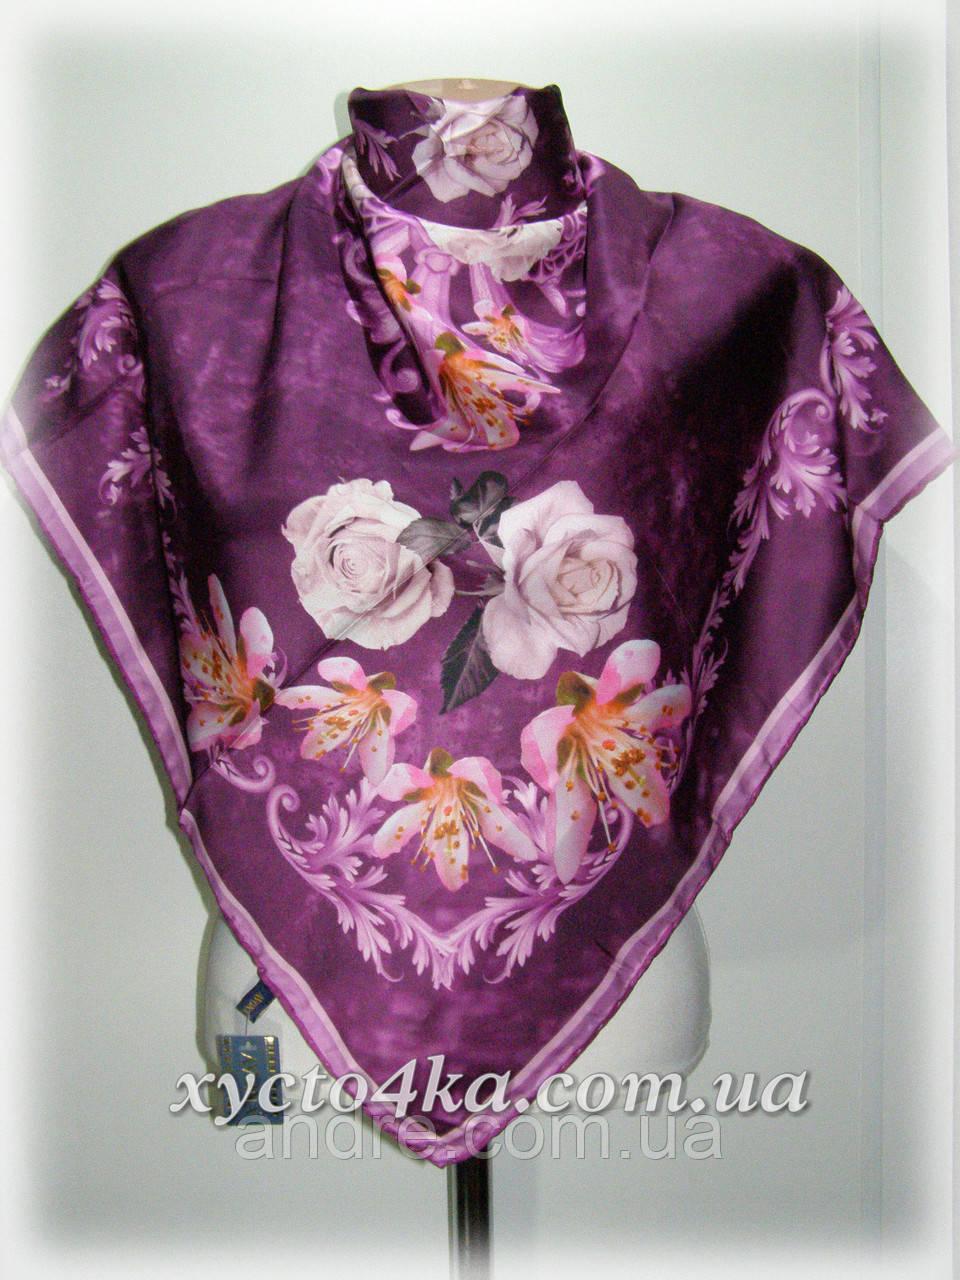 Шелковый платок дыхание весны, фиолетовый